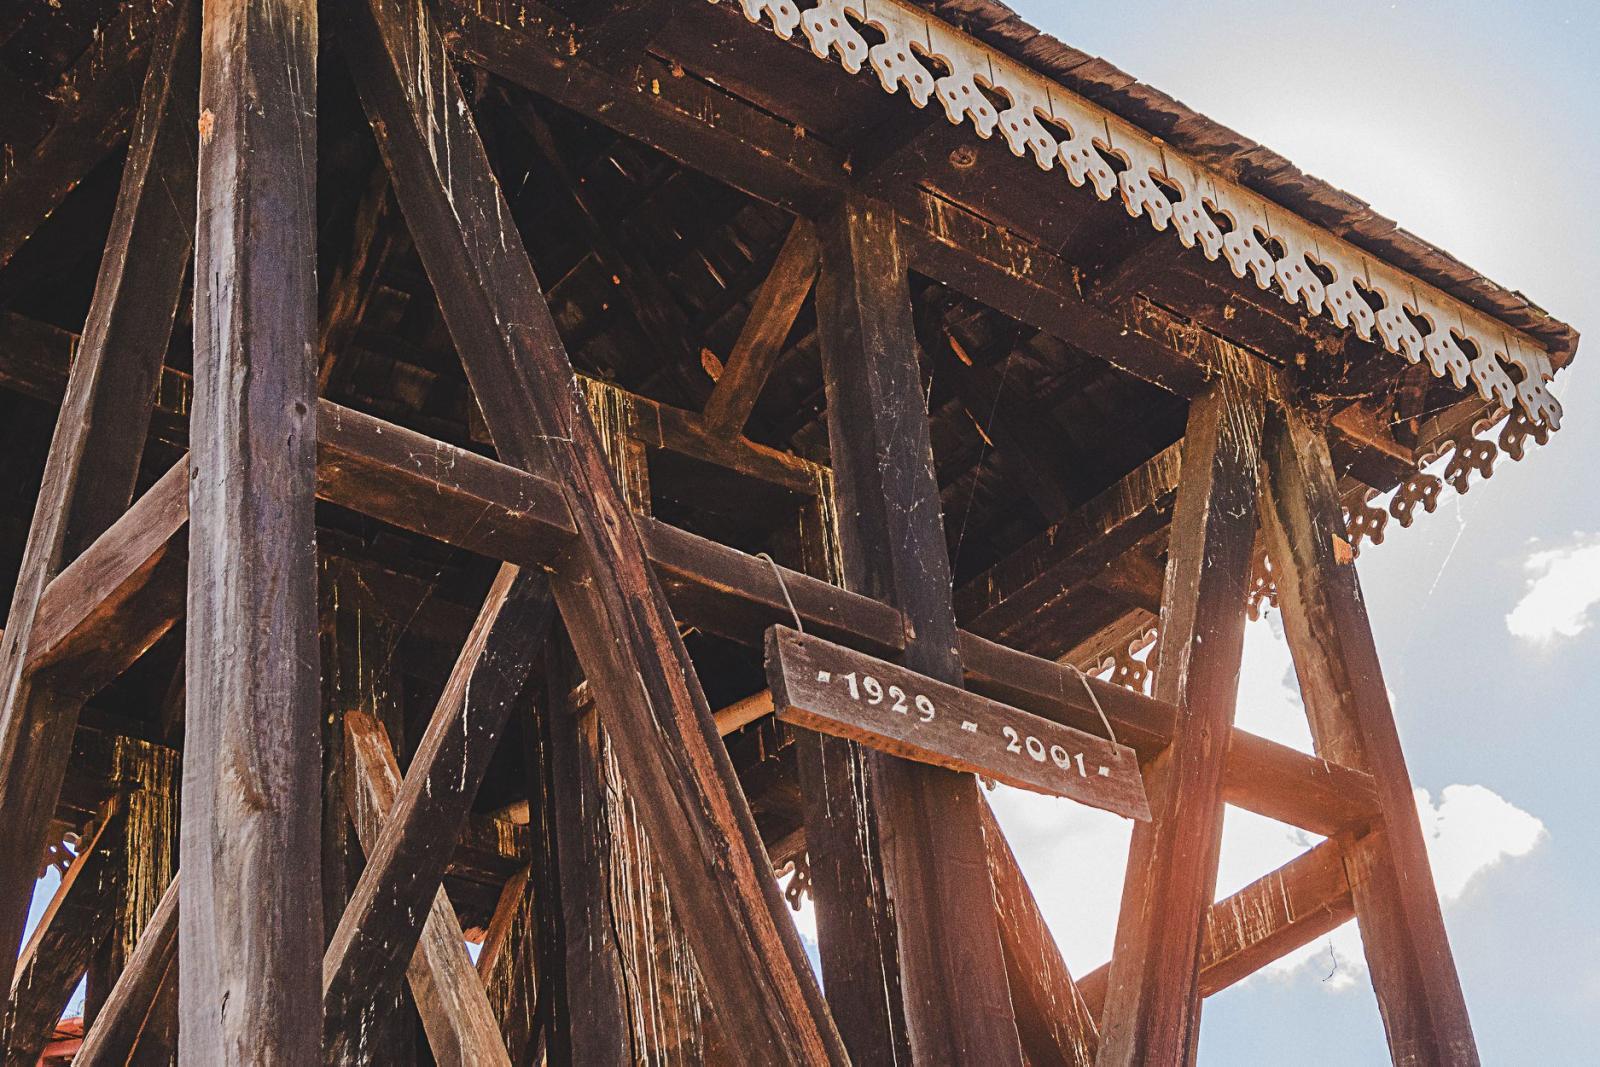 Série Atrativos Turísticos: TorreSineira - Igreja Evangélica de Confissão Luterana de Alto Jatibocas